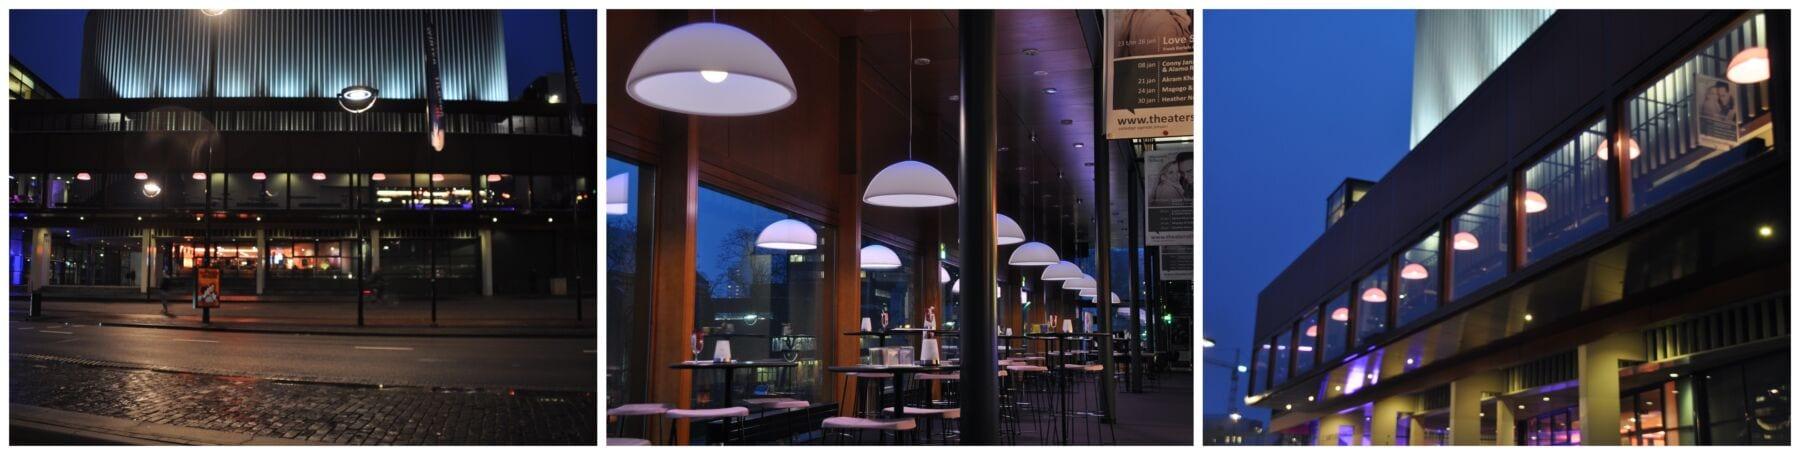 FOYER THEATRE TILBURG lampen